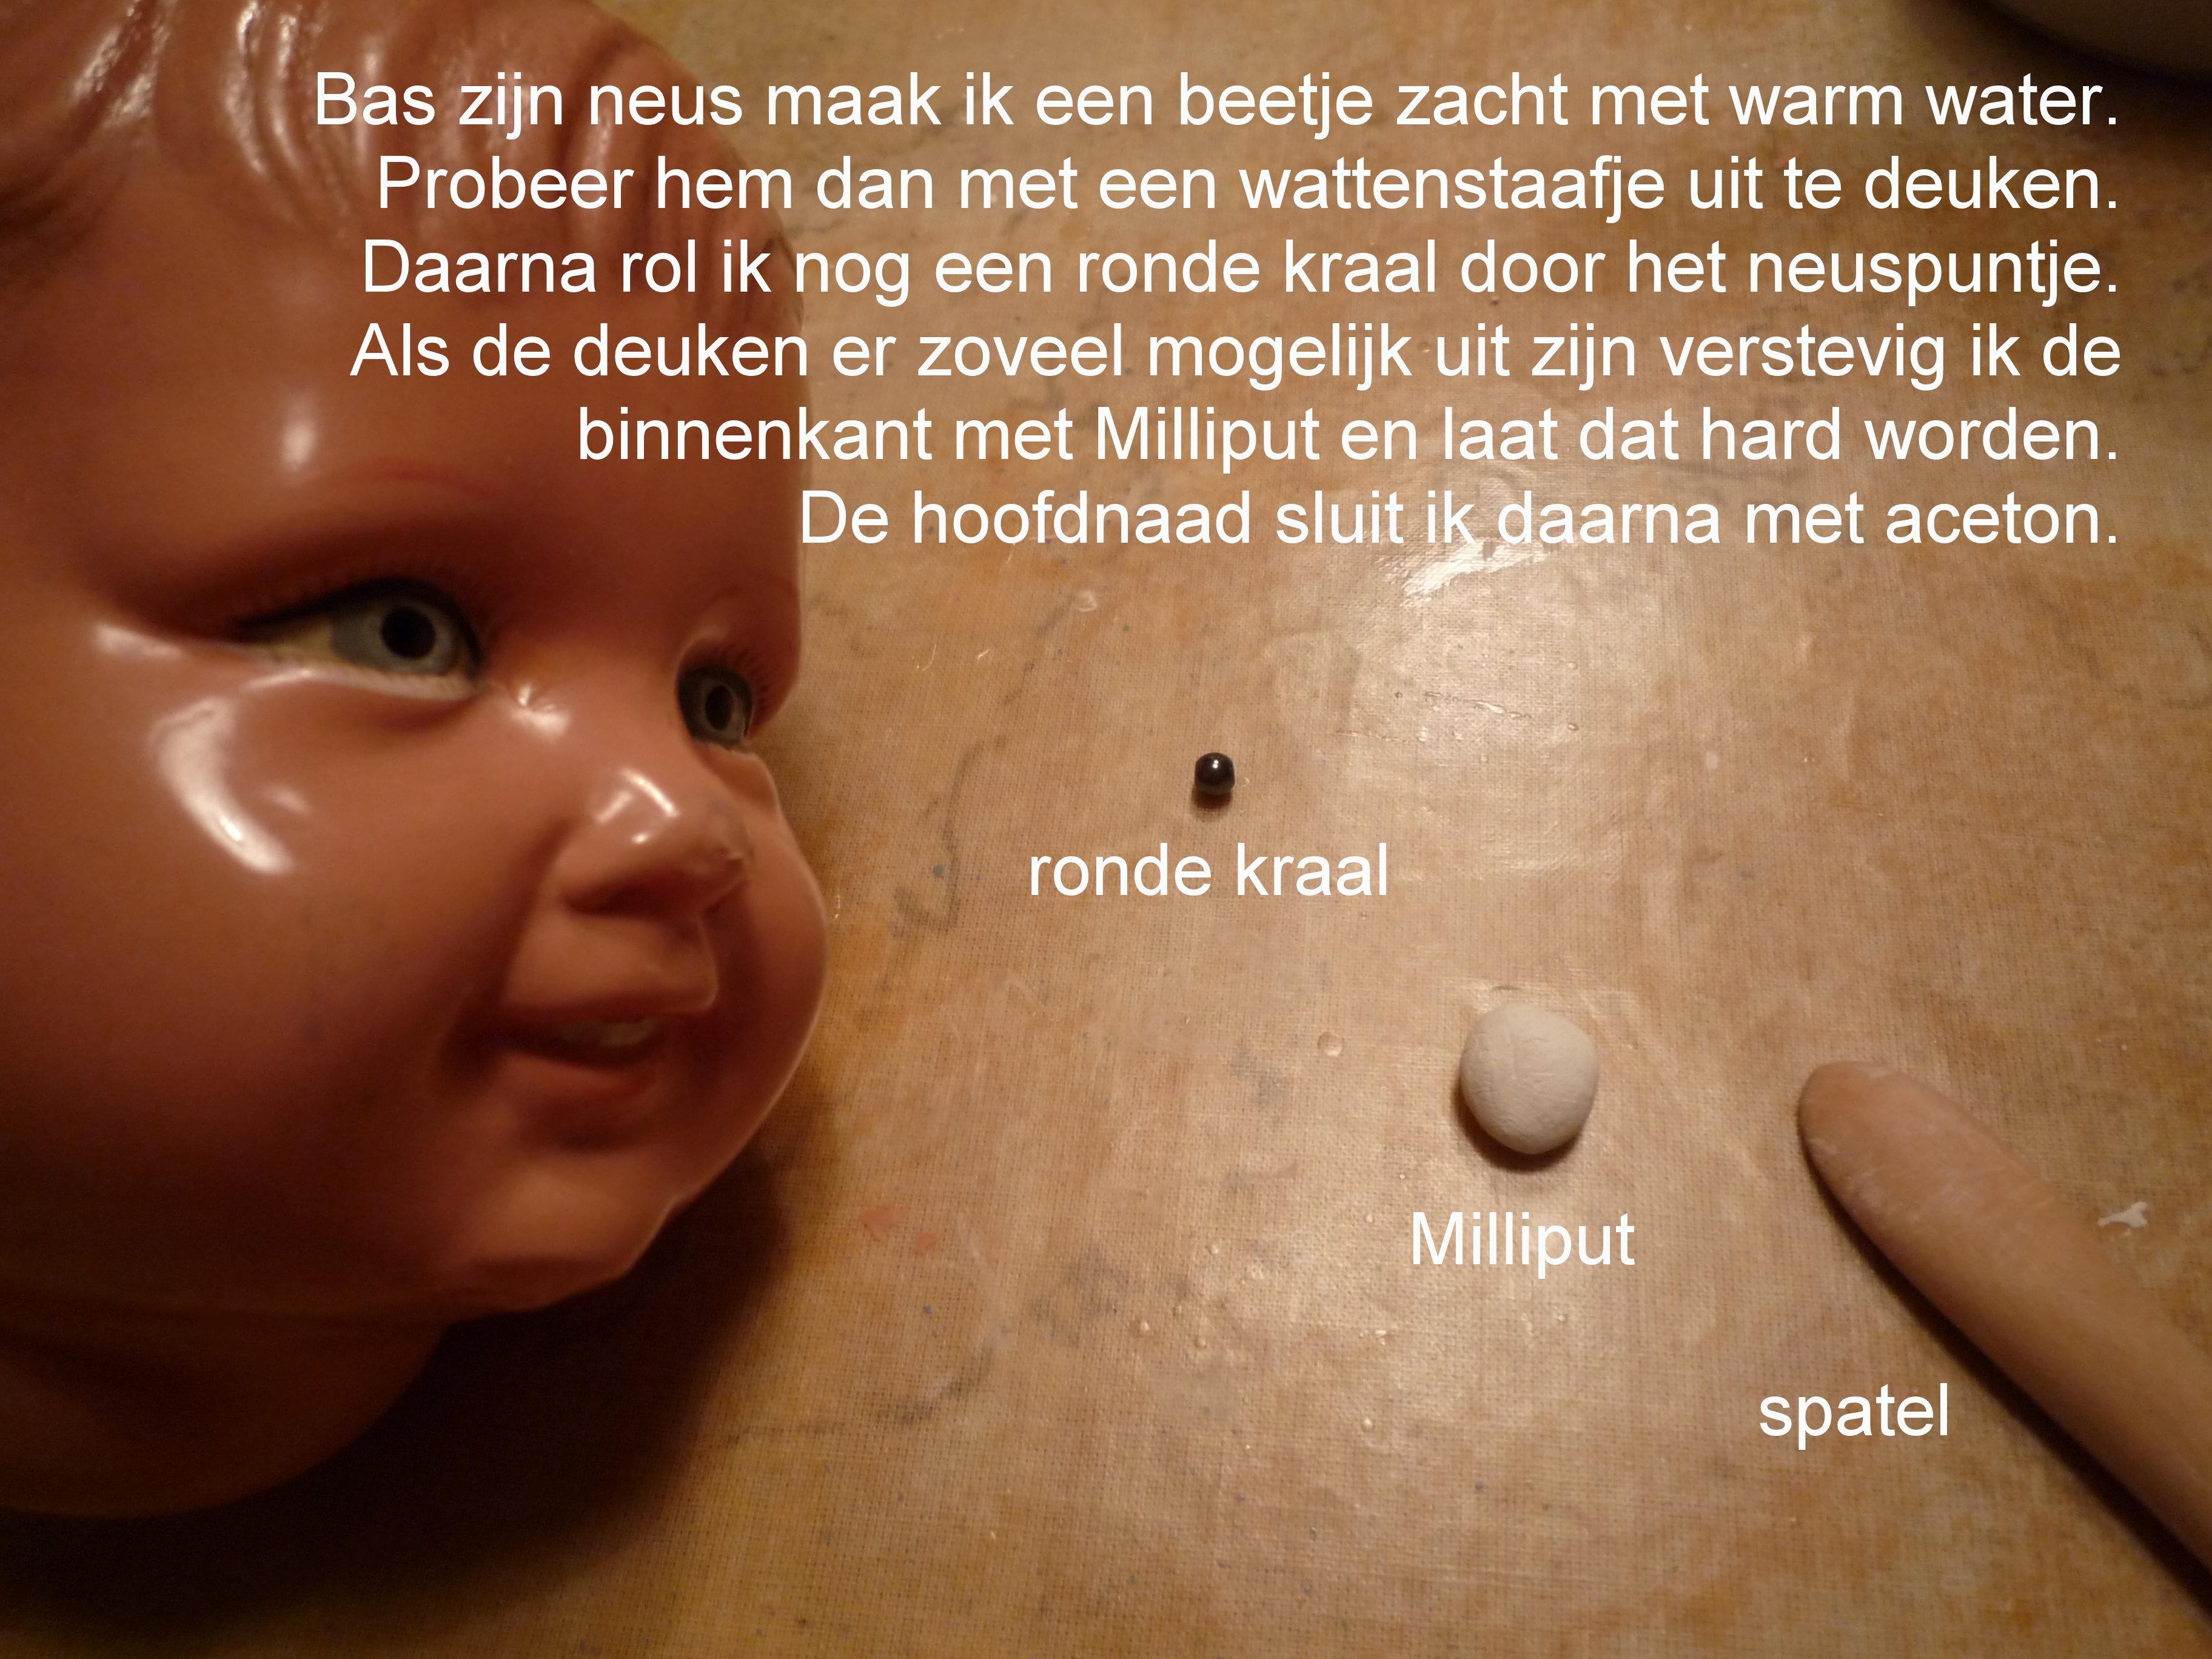 https://welkepopisdat.nl/afbeeldingen-Forum/DurvinaFotos/Bob%20en%20Bas%20(6).JPG